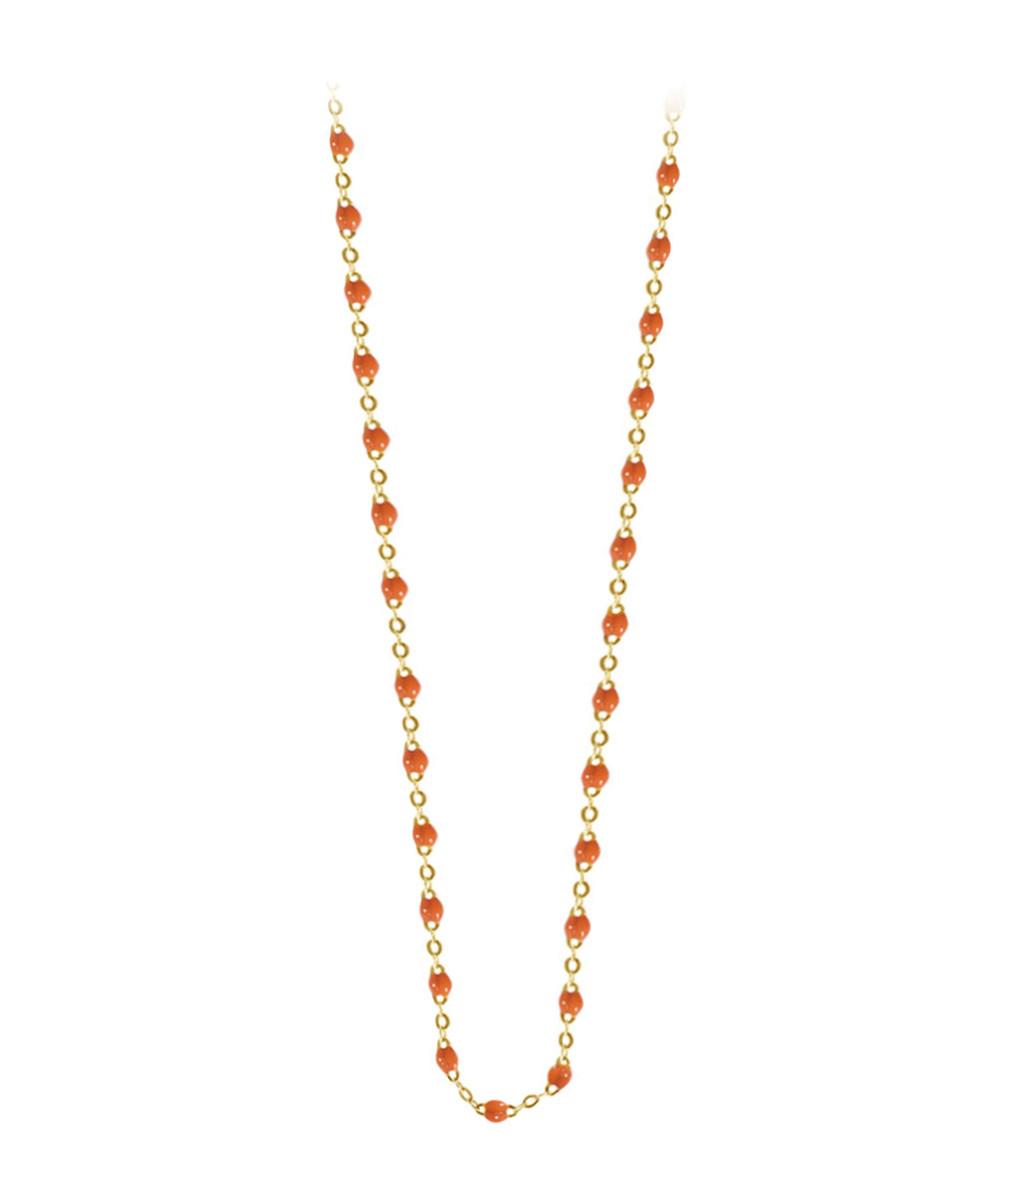 GIGI CLOZEAU -  Sautoir Perles Résine Or 120 cm 27 couleurs